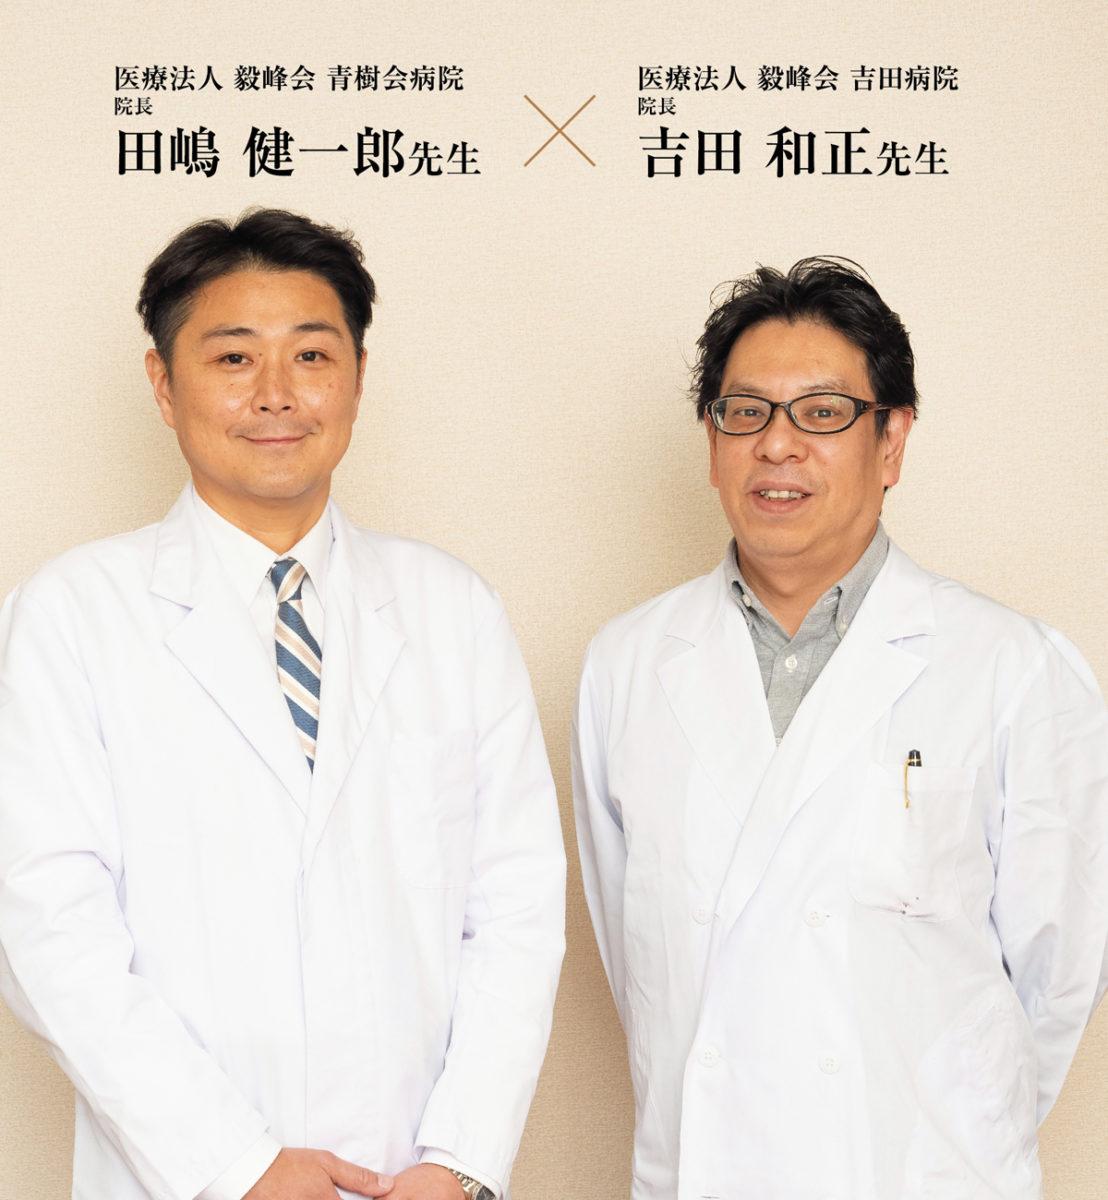 【対談】吉田病院 吉田 和正 院長 × 青樹会病院 田嶋 健一郎 院長